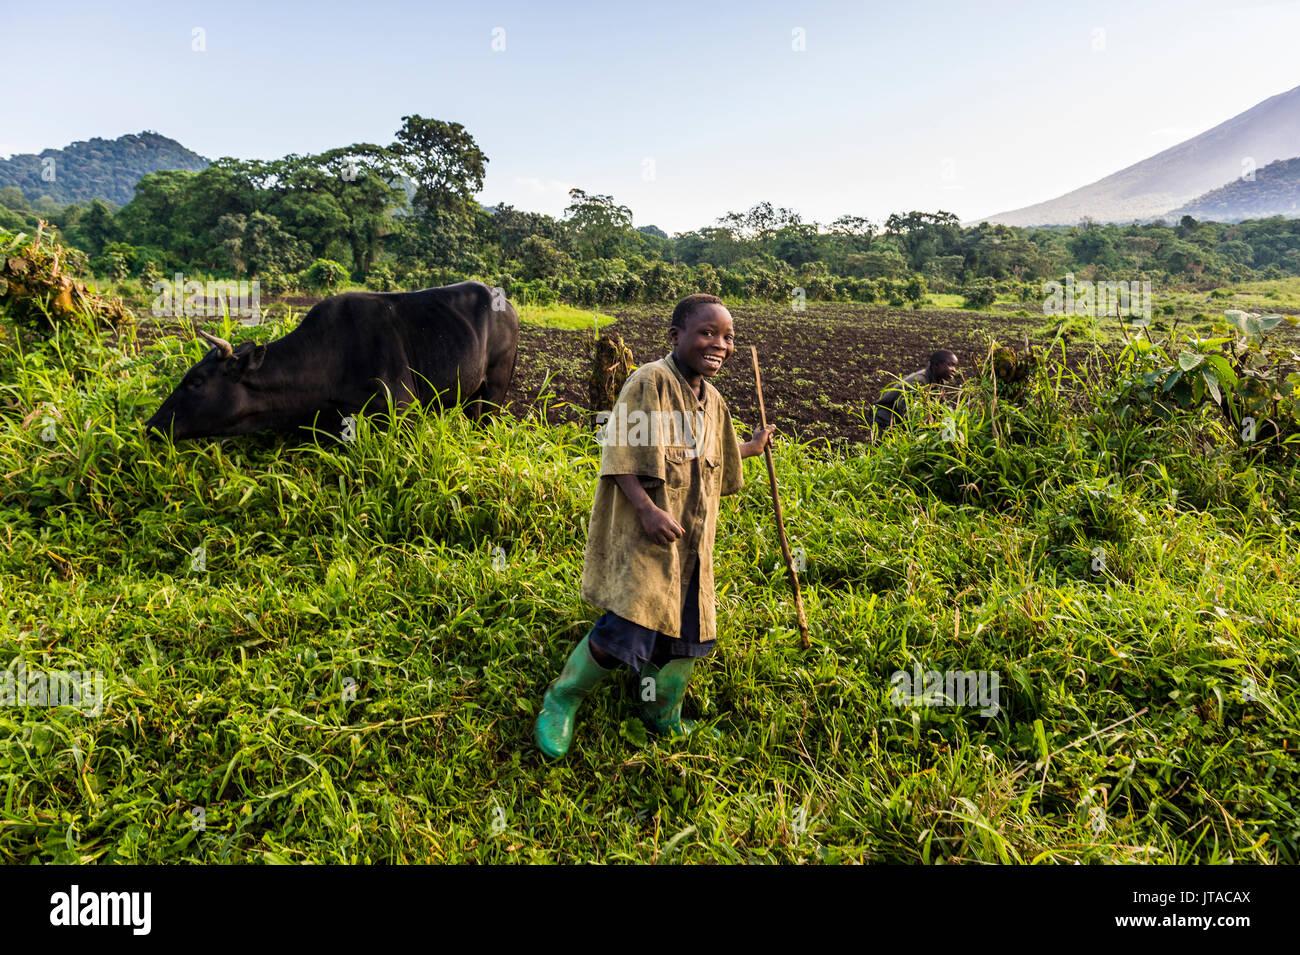 Happy Young boy culture, le Parc National des Virunga, en République démocratique du Congo, l'Afrique Photo Stock